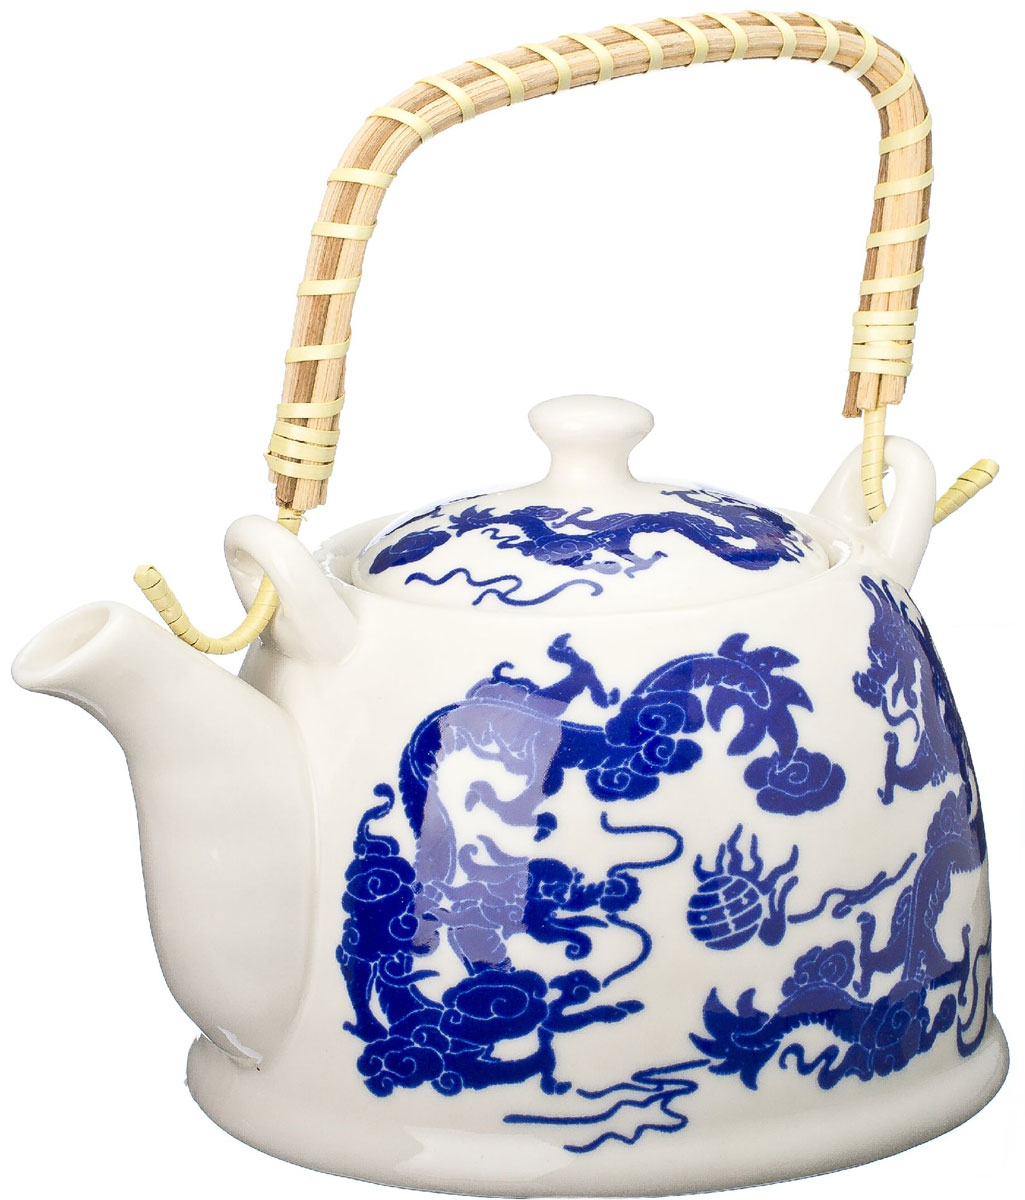 Чайник заварочный Vetta Синий дракон, с фильтром, 900 мл стойка для pump аэробики для 20 наборов fitness division fd rk bps 834